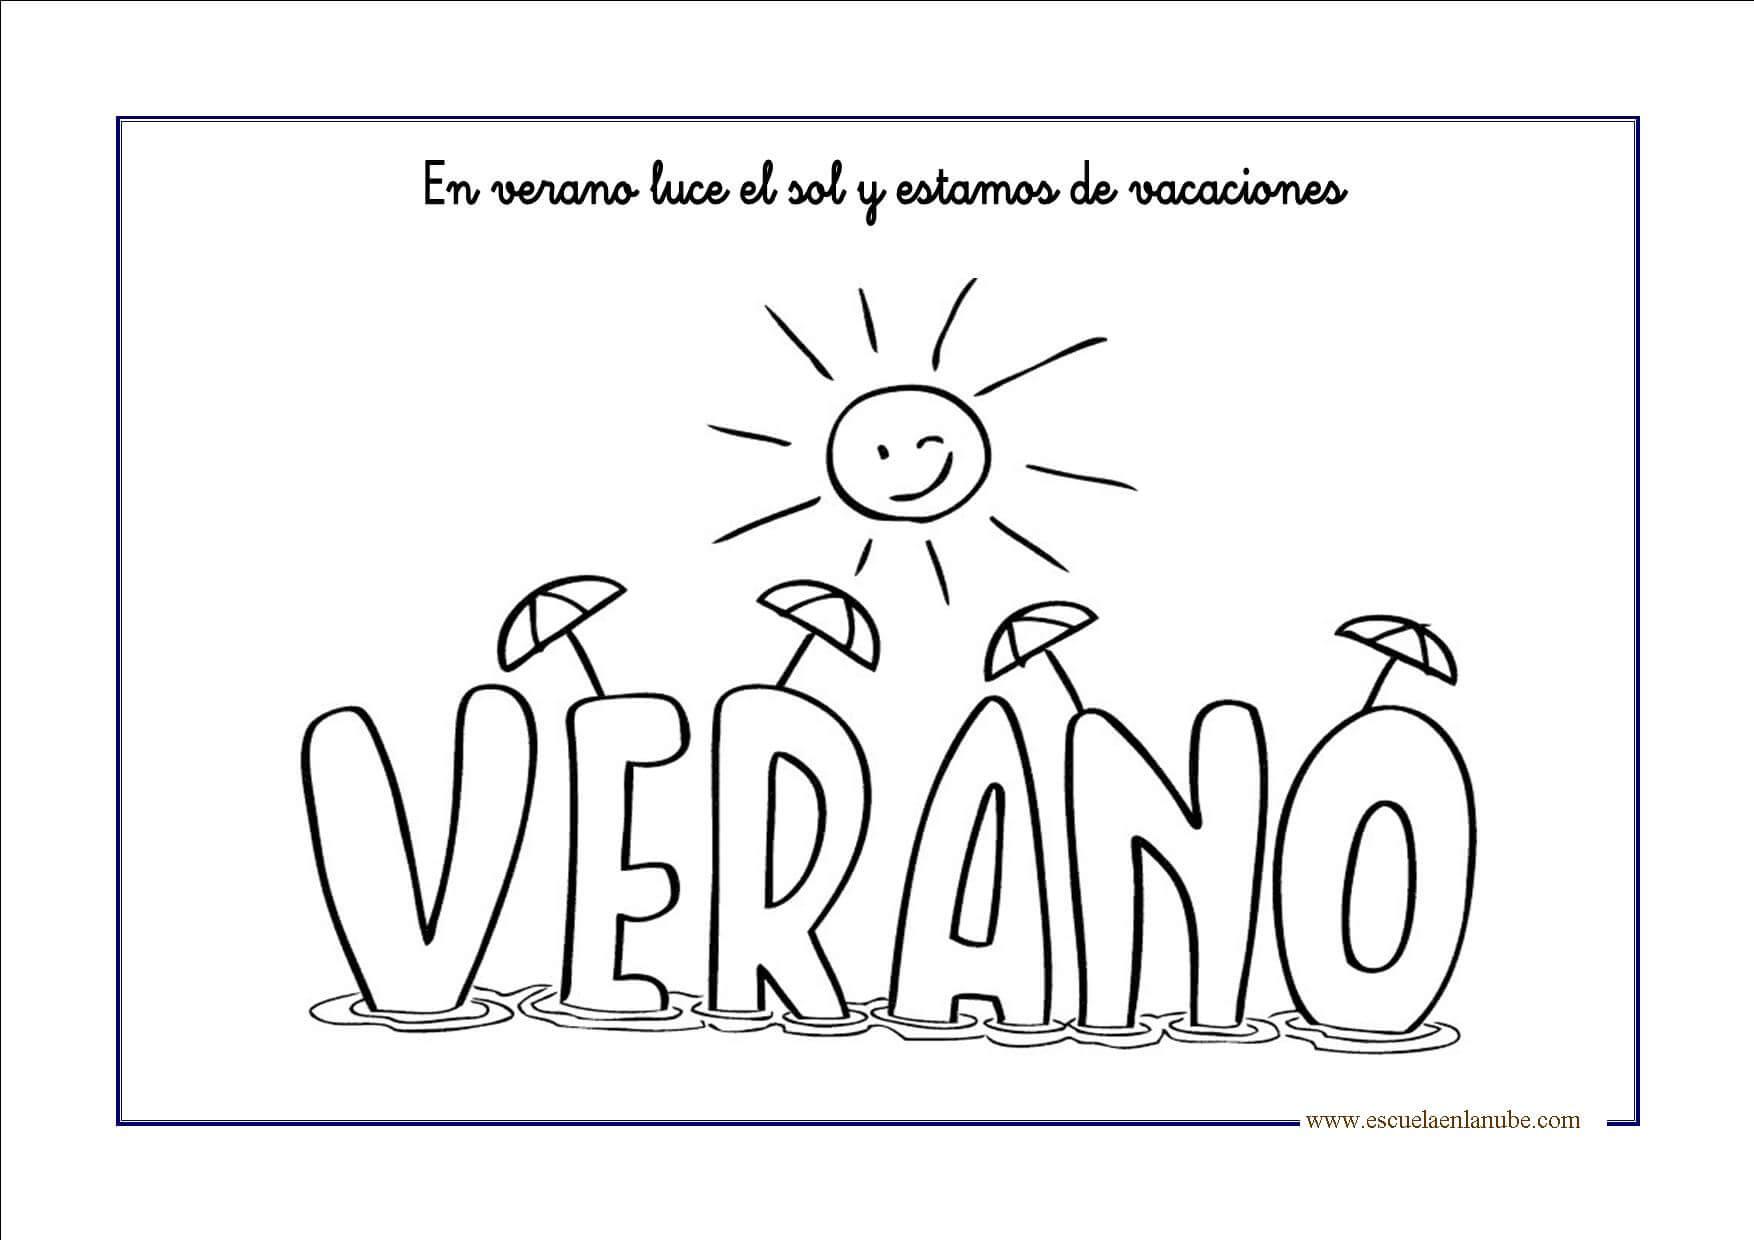 Encantador Dibujos Para Colorear Educacion Infantil